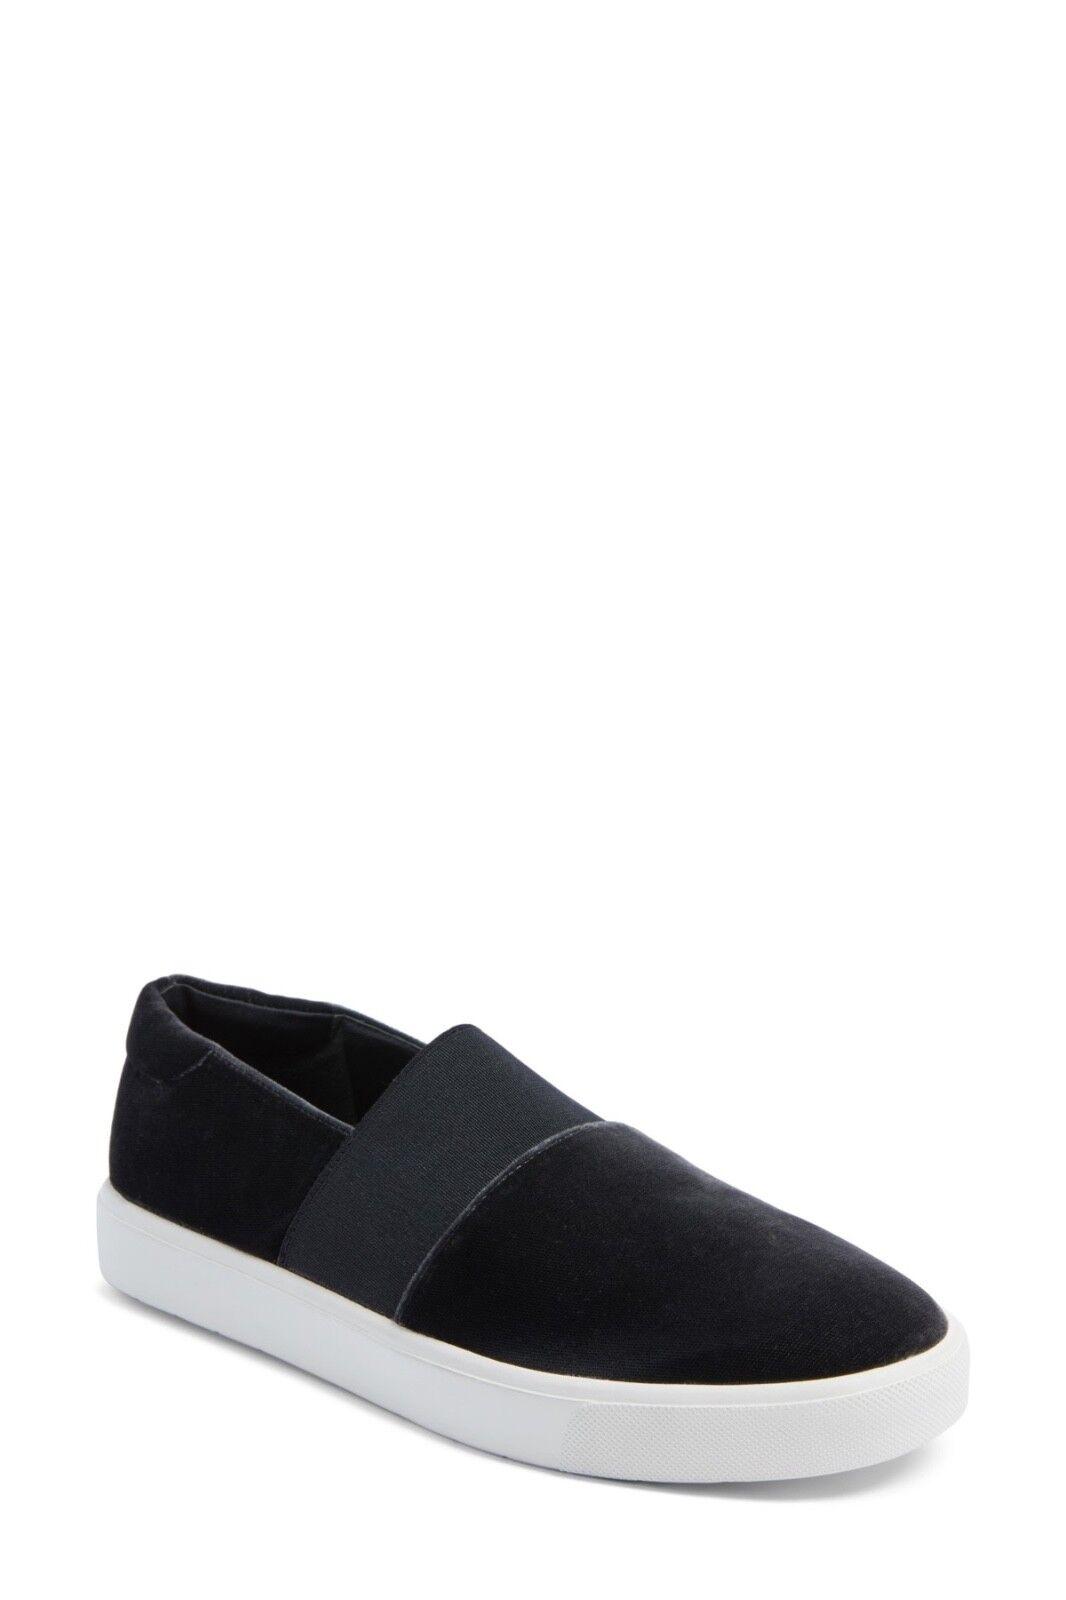 Vince Corbin Pewter Slip On Sneaker Black Velvet Sz 9.5